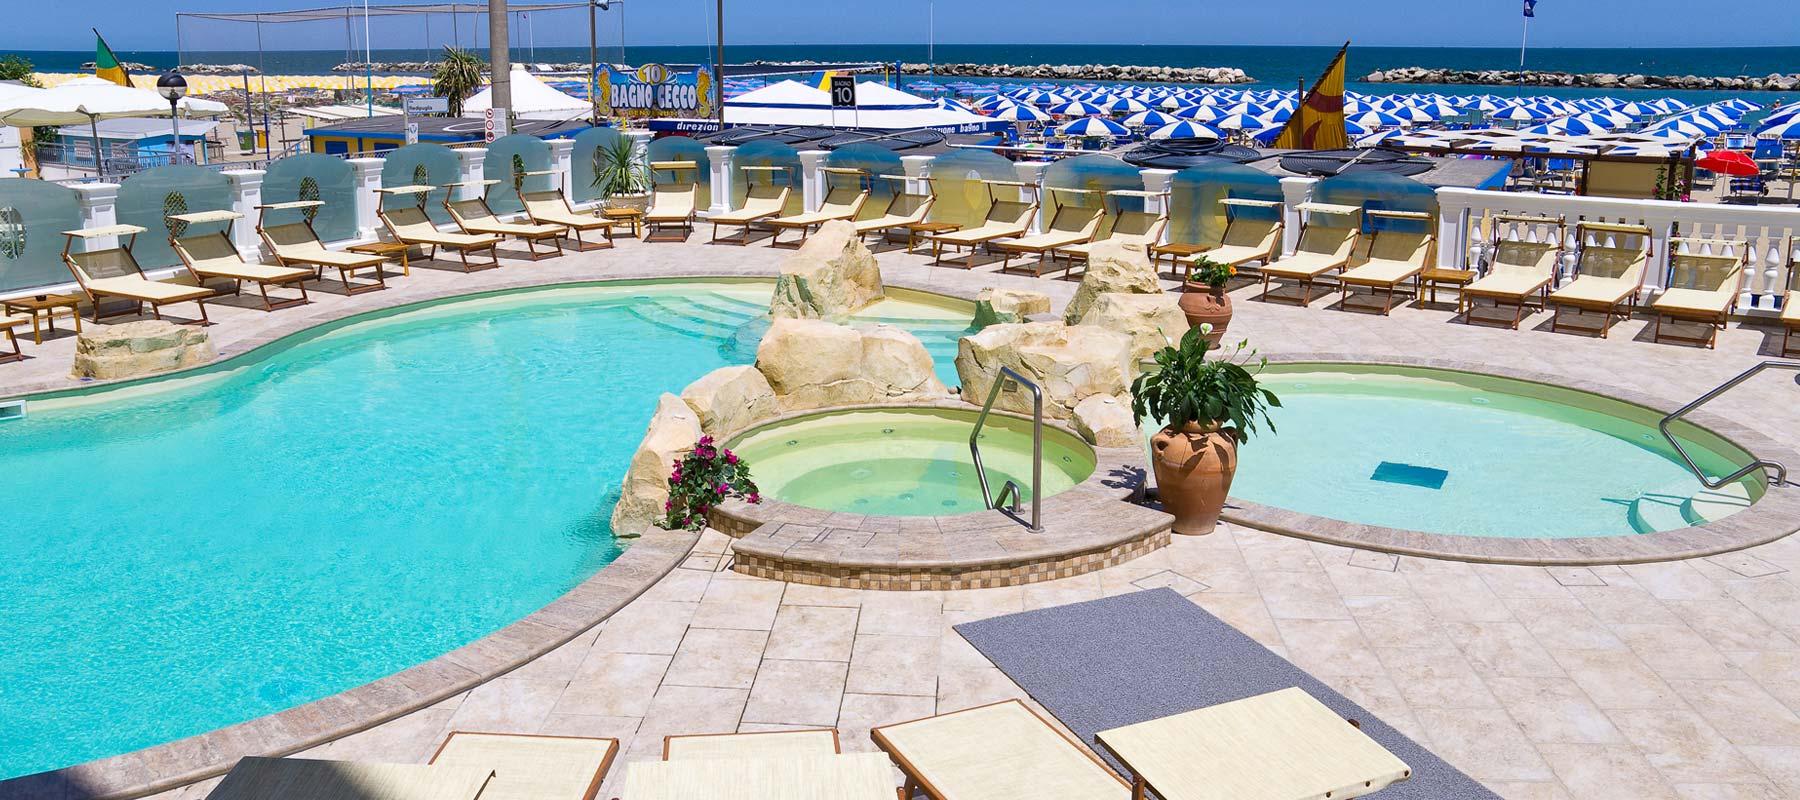 Hotel montanari 3 toiles bellaria avec piscine id al - Hotel con piscina a riccione ...